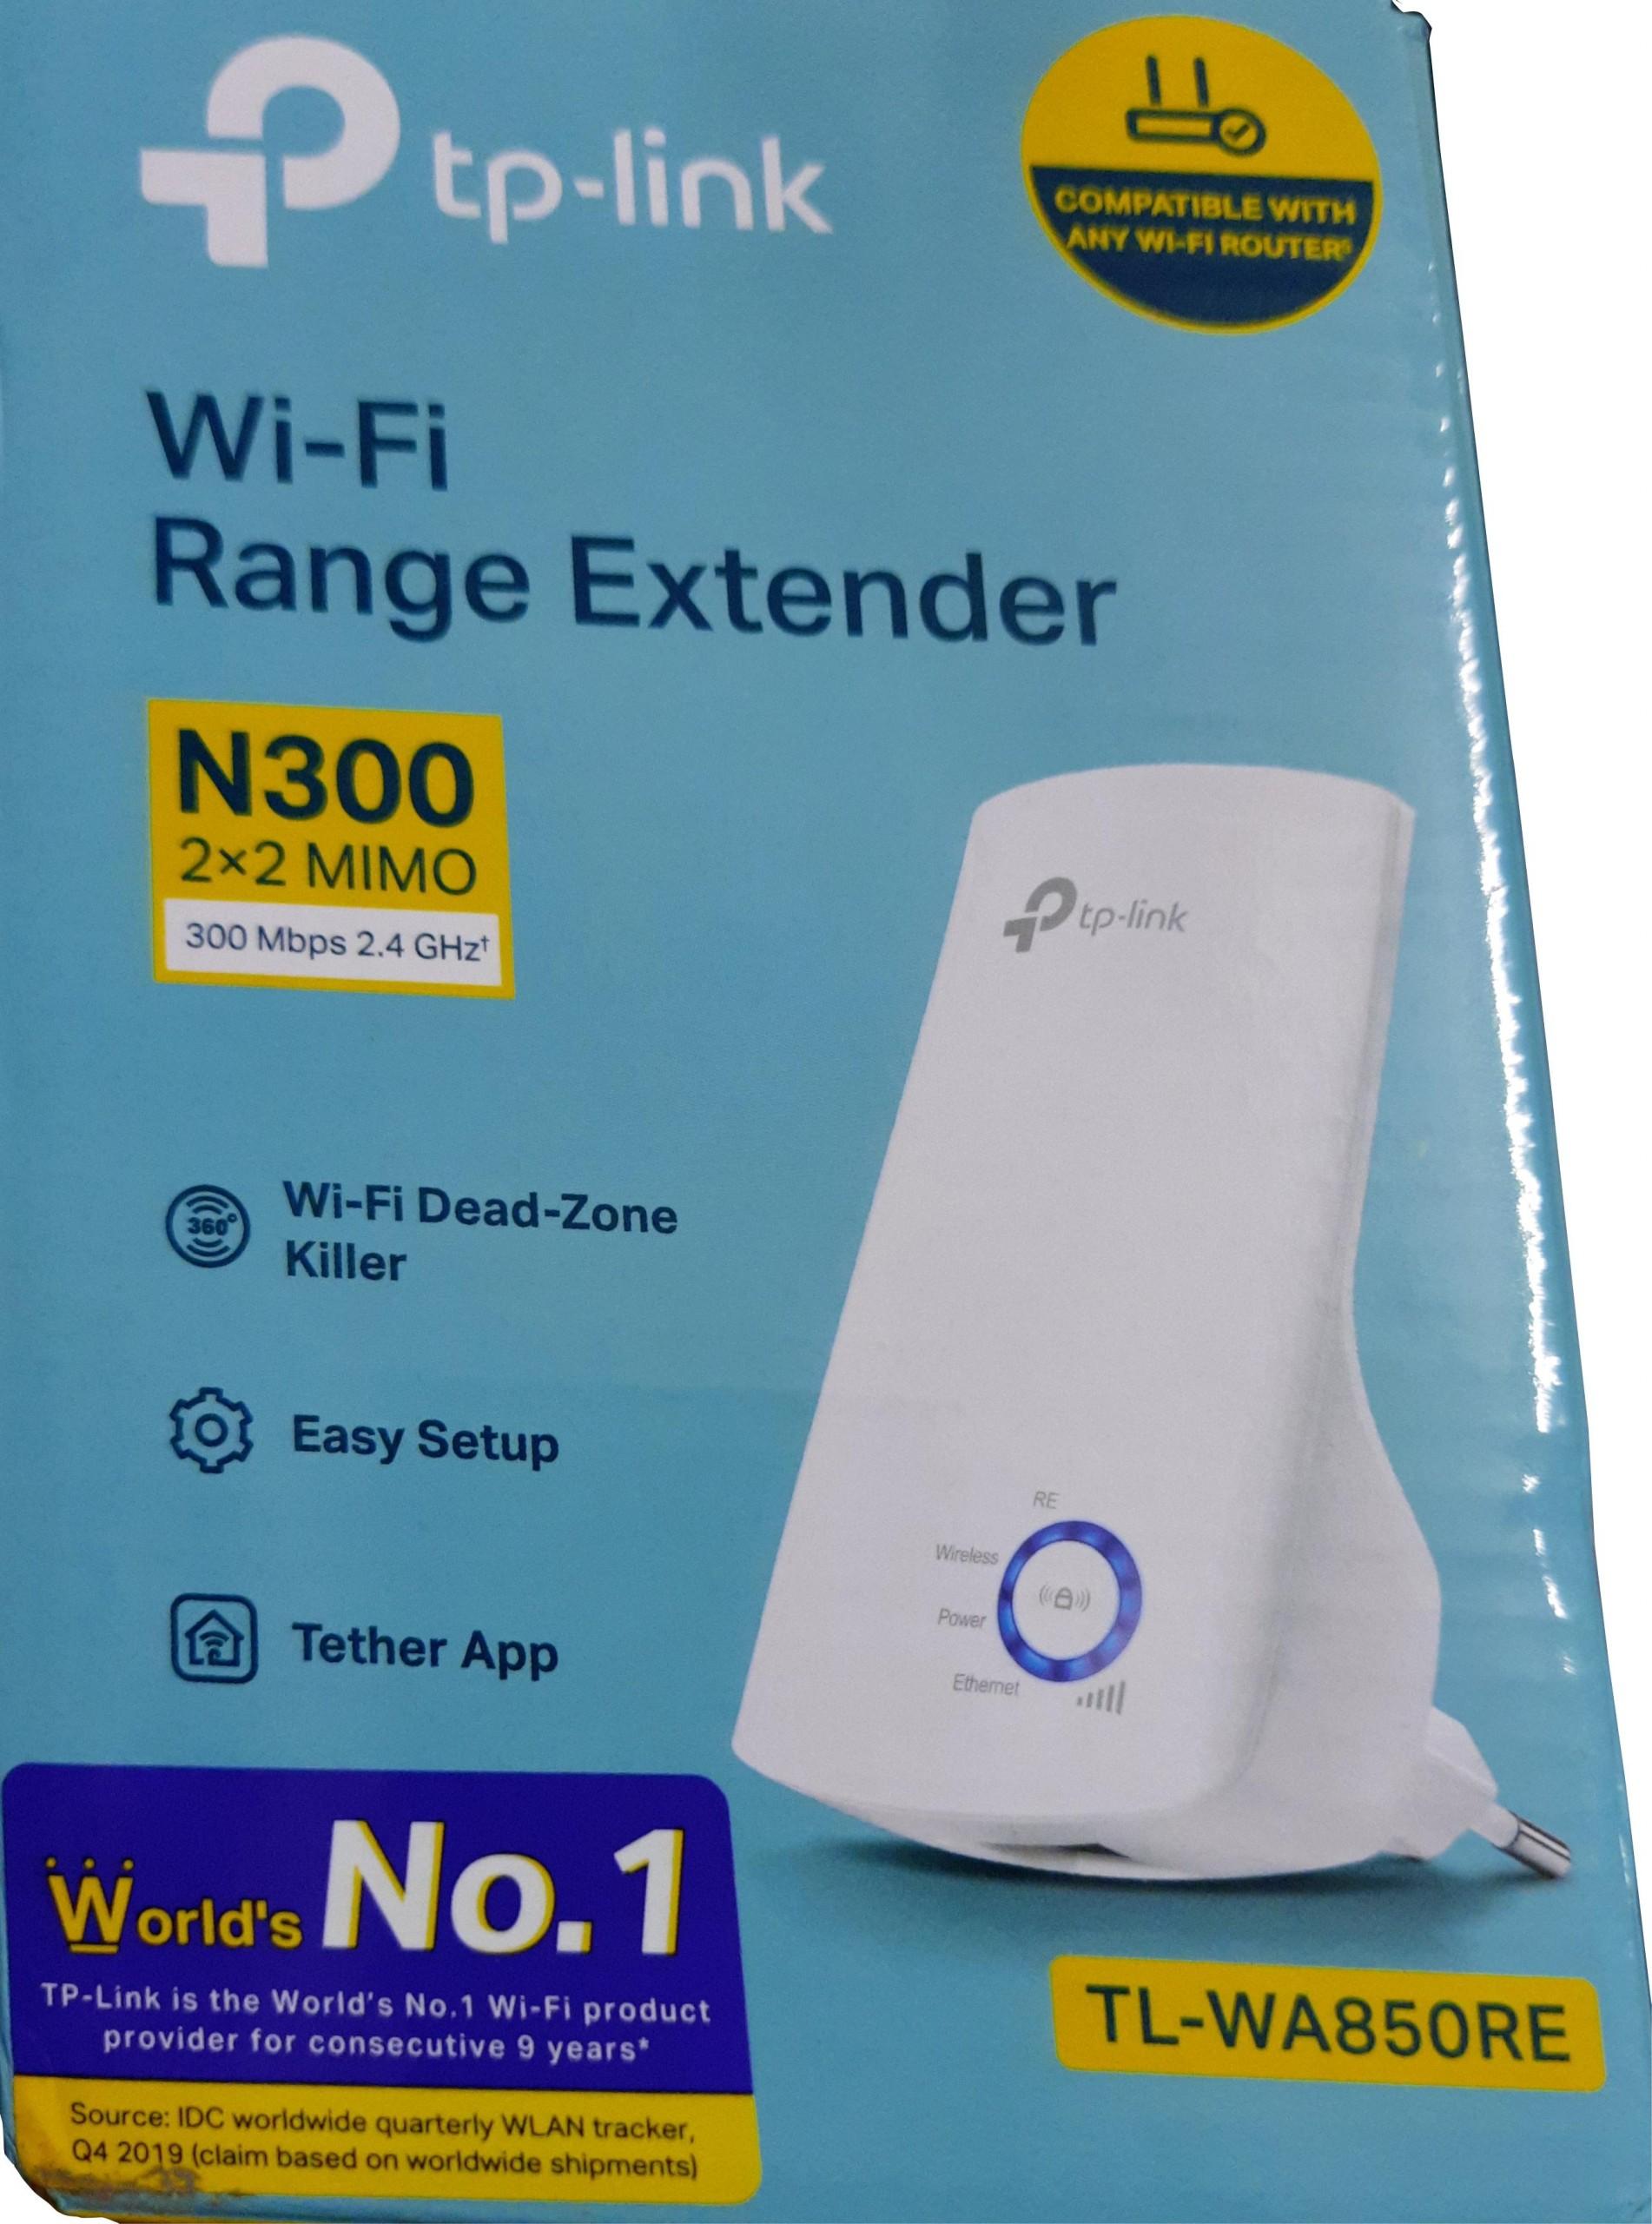 tp-link wifi extender image (1)